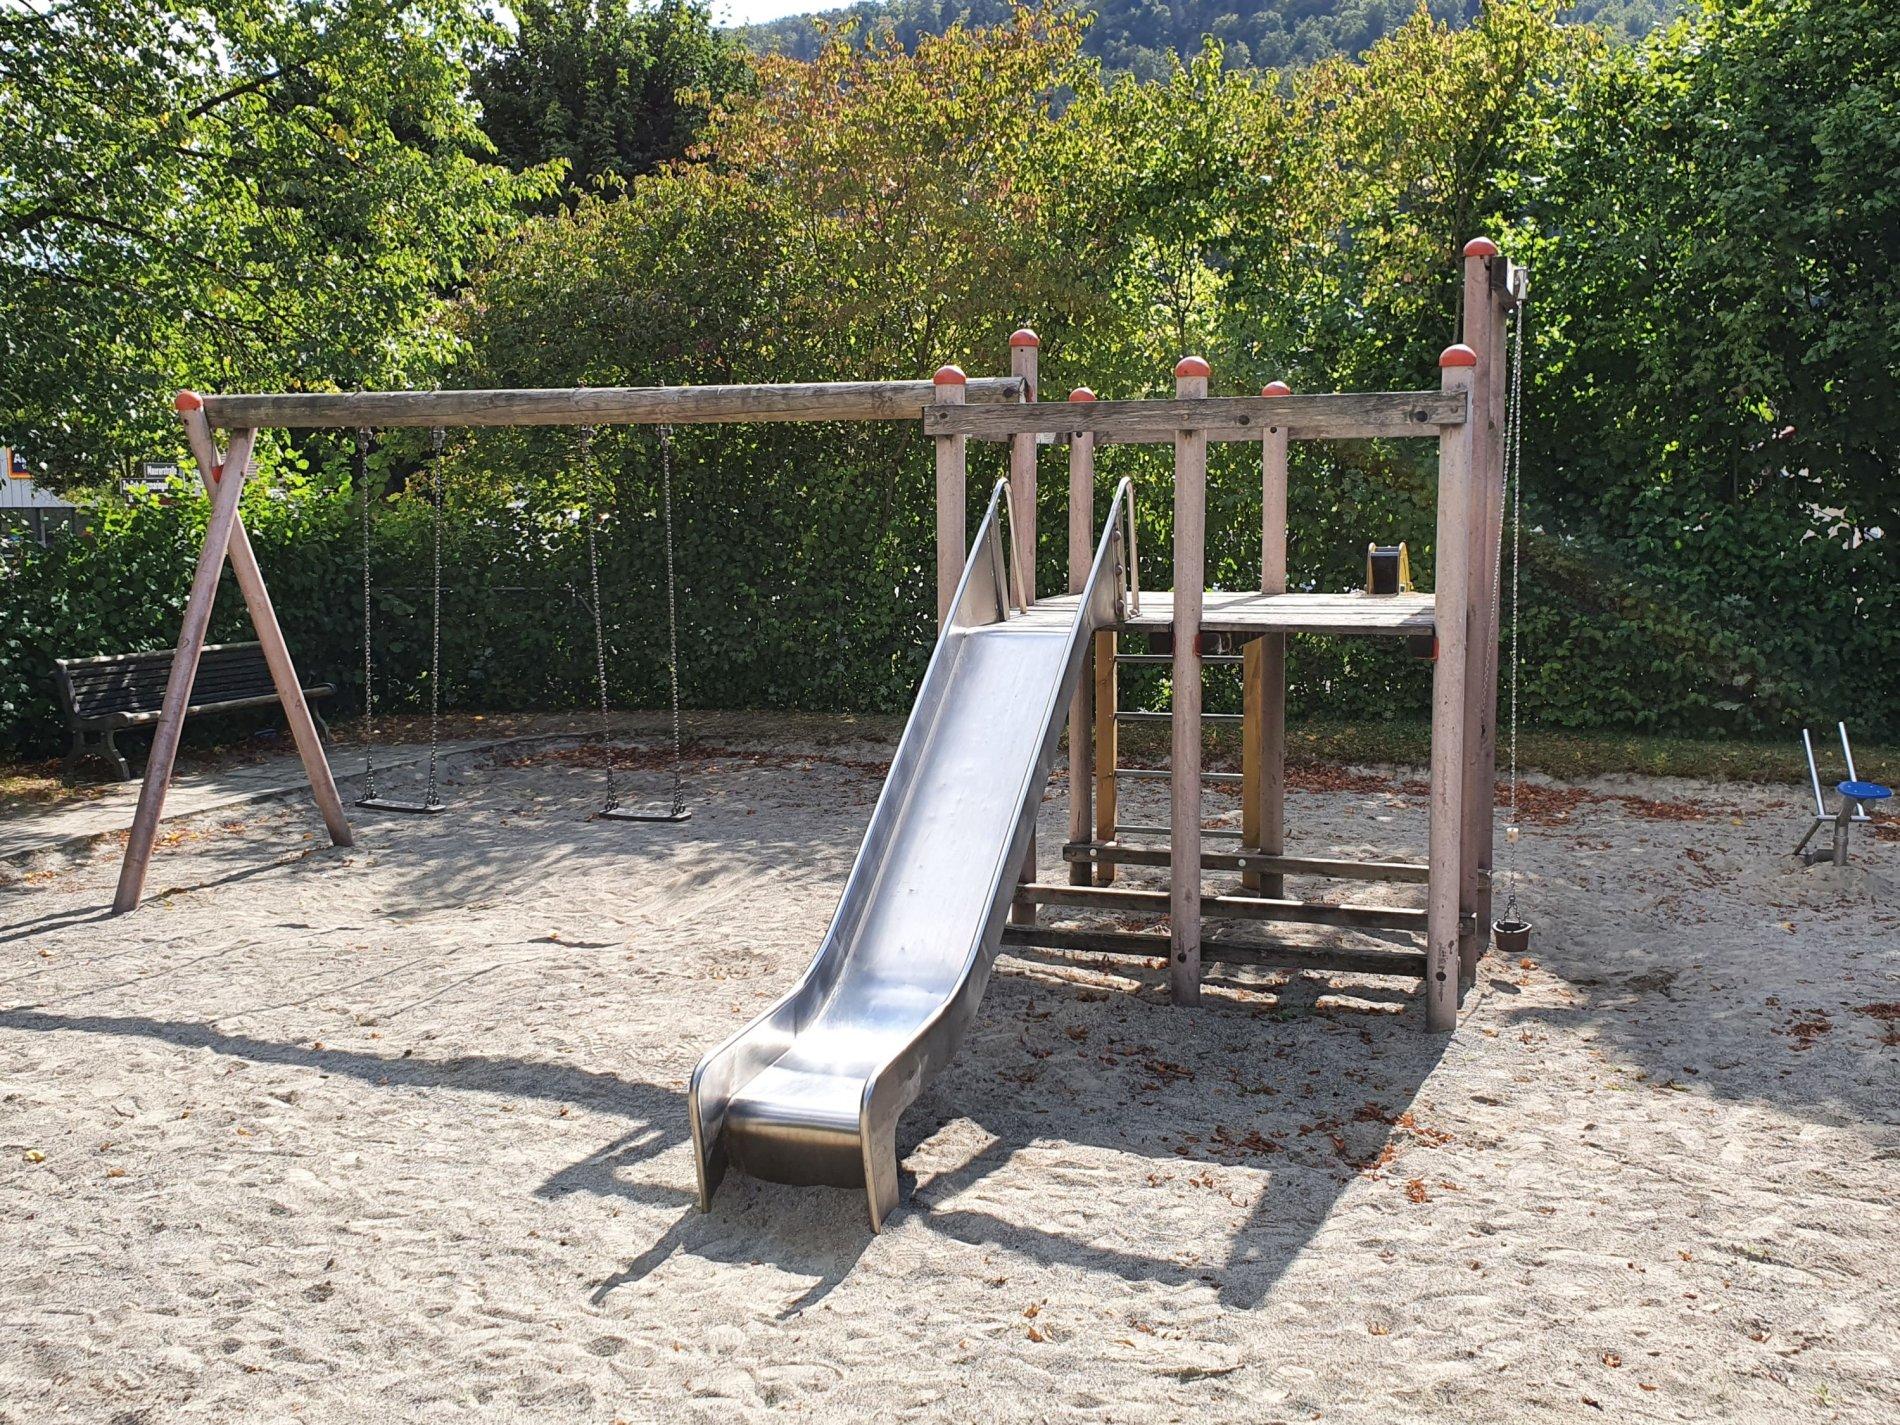 Spielplatz Maurerstraße-Viel Platz zum Spielen!